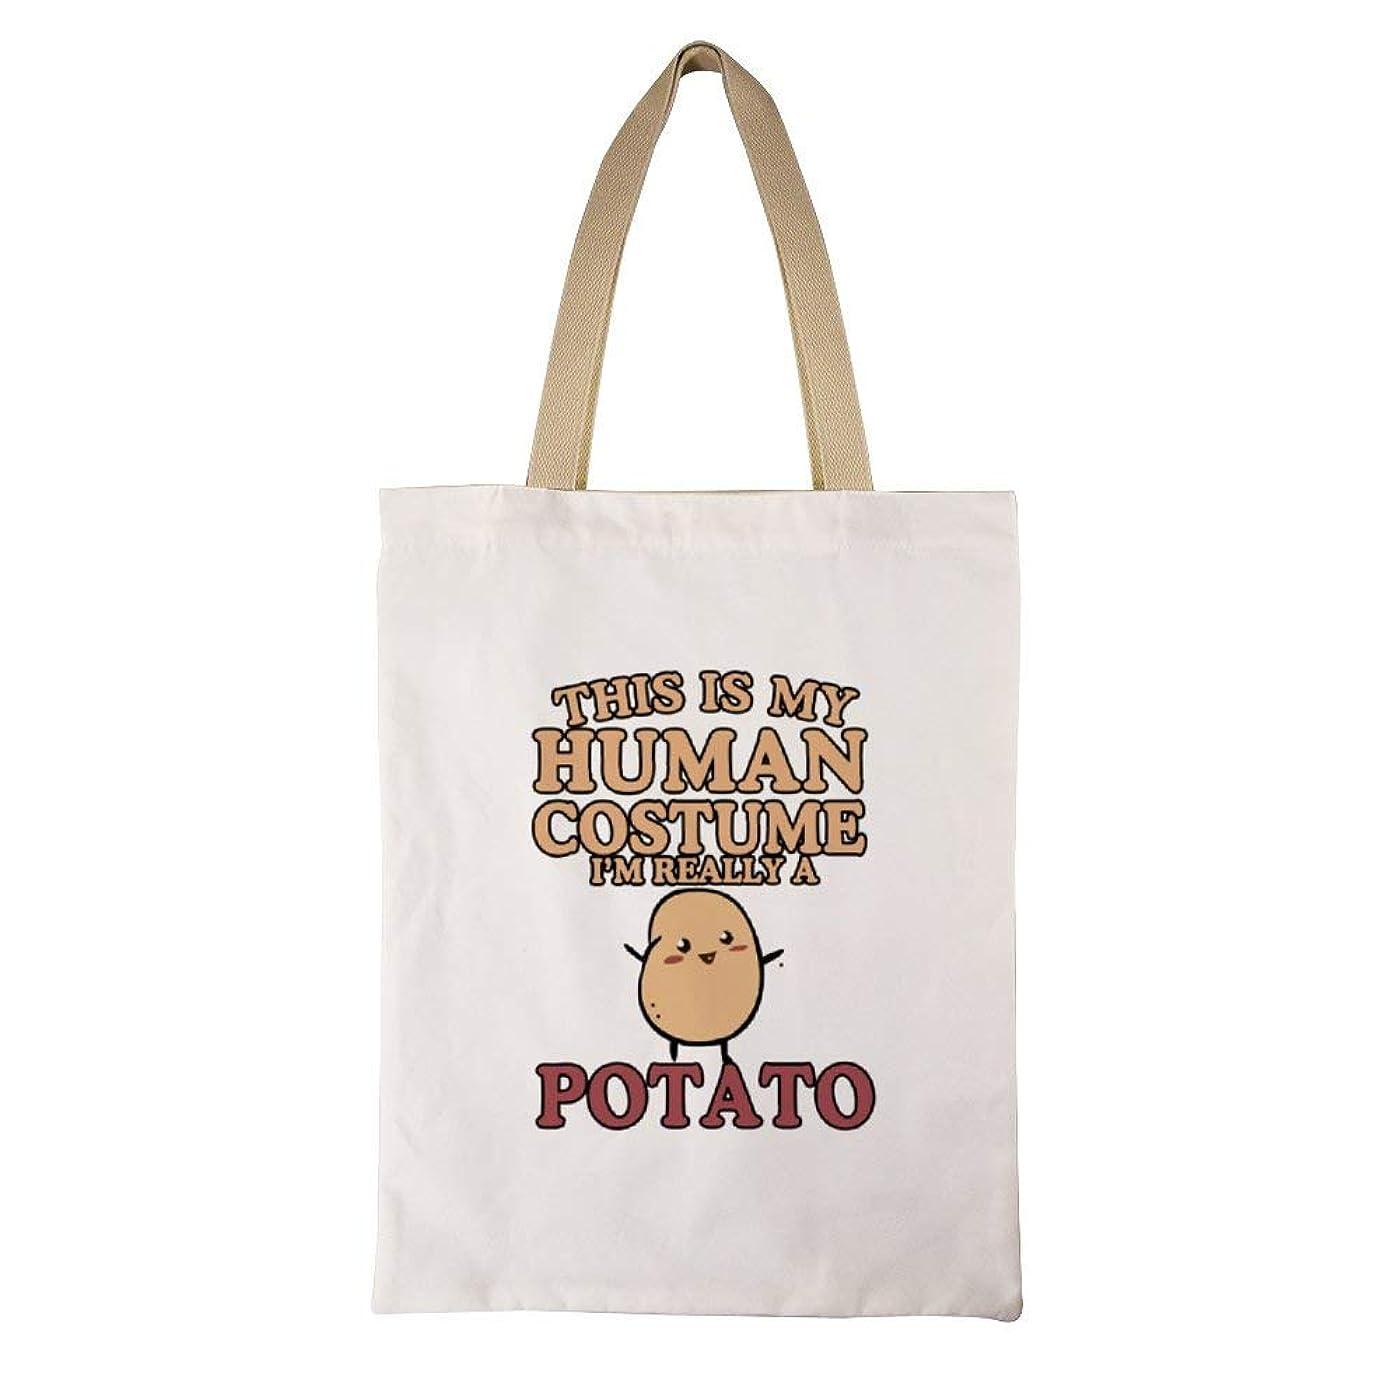 ロシアサルベージ小学生I'm Really A Potato レディース キャンバストートバッグ ハンドバッグキャンバスショルダーバッグ通勤通学 大容量 軽量